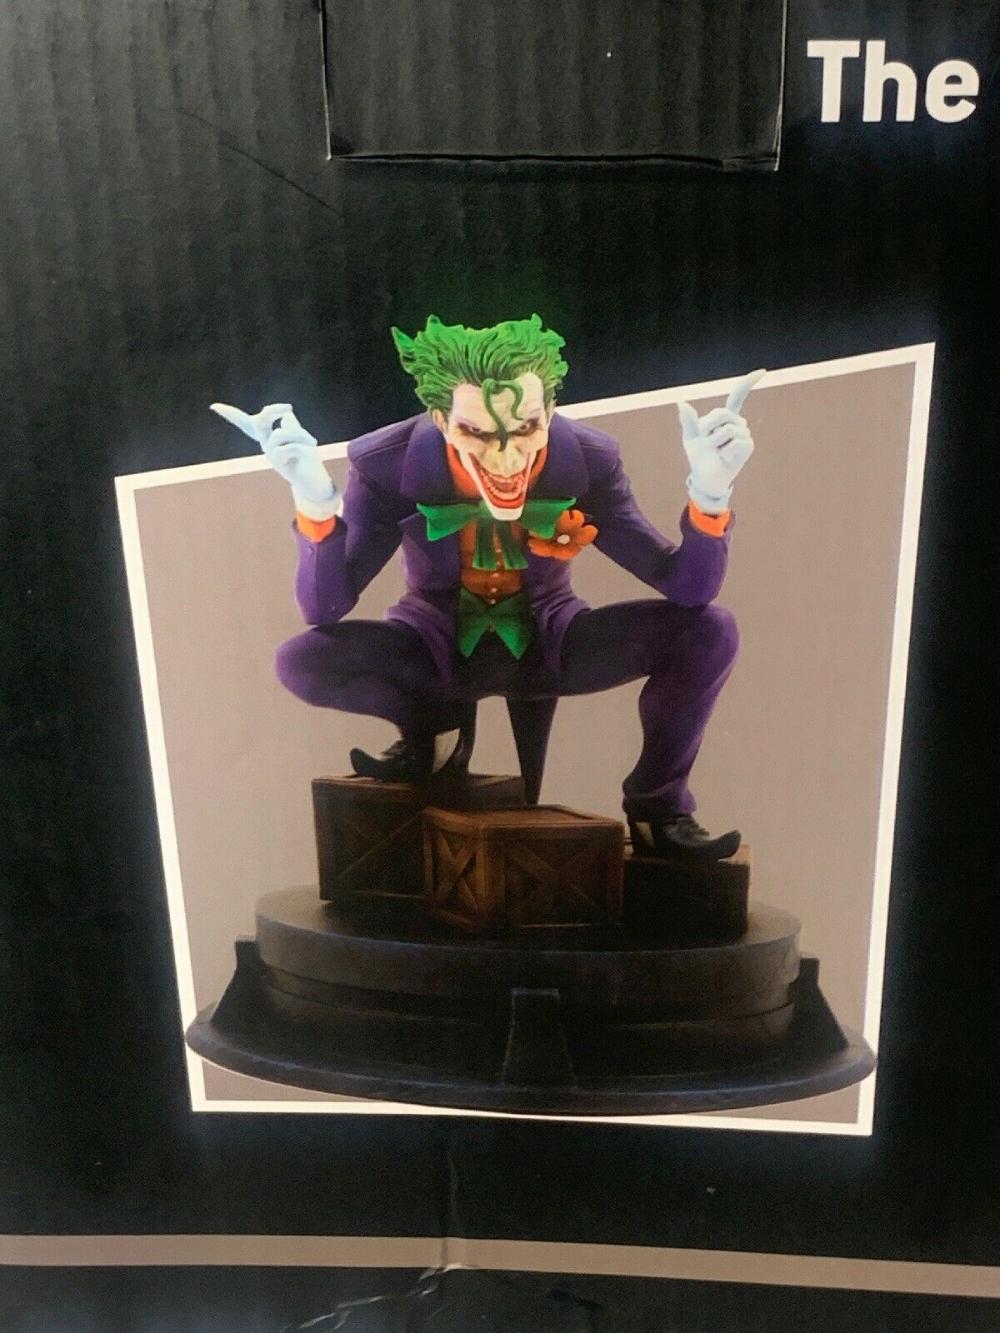 Joker Batman Hush By Jim Lee Statue Batman Joker Joker Batman Hush